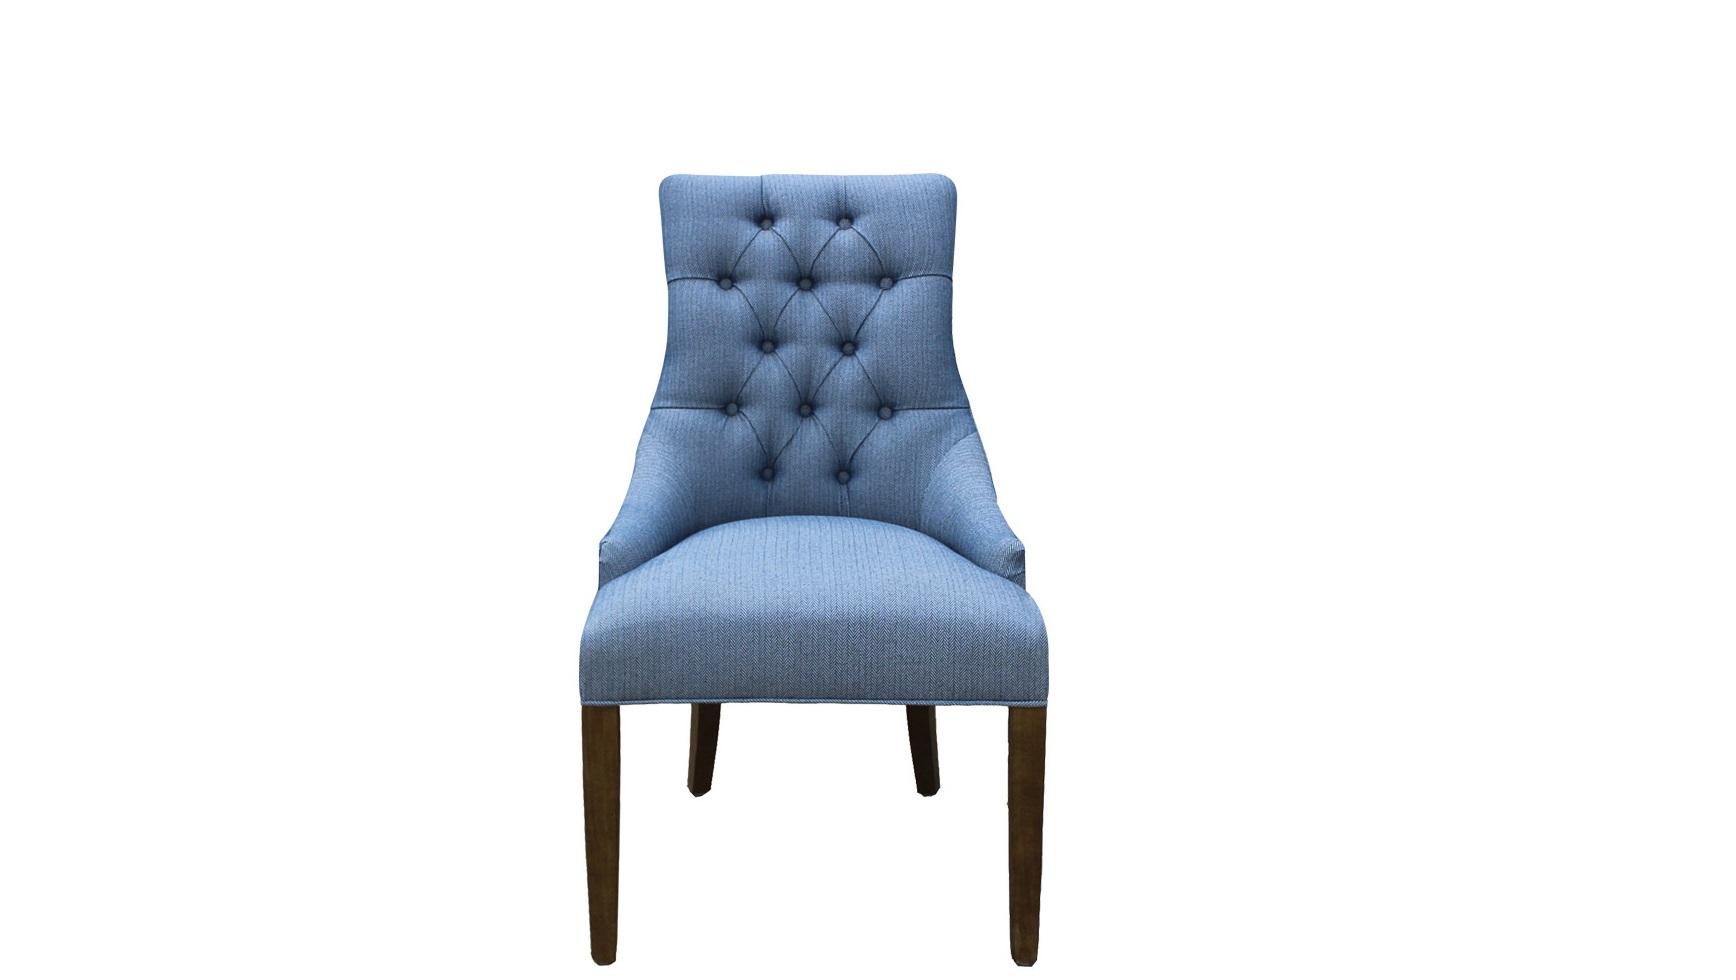 Полукресло Martin ll arm chairПолукресла<br>Полукресло &amp;quot;Martin ll Arm Chair&amp;quot; производит великолепное впечатление с первого взгляда. Благодаря насыщенному, но элегантному синему оттенку оно сразу же приковывает к себе внимание. Зацепившись за благородную гамму, глаза уже не могут перестать любоваться и утонченными формами. Высокая спинка, миниатюрные подлокотники и слегка изогнутые ножки заставляют раз и навсегда влюбиться в роскошный образ в стиле американской буржуазии.<br><br>Material: Текстиль<br>Width см: 61<br>Depth см: 78<br>Height см: 98